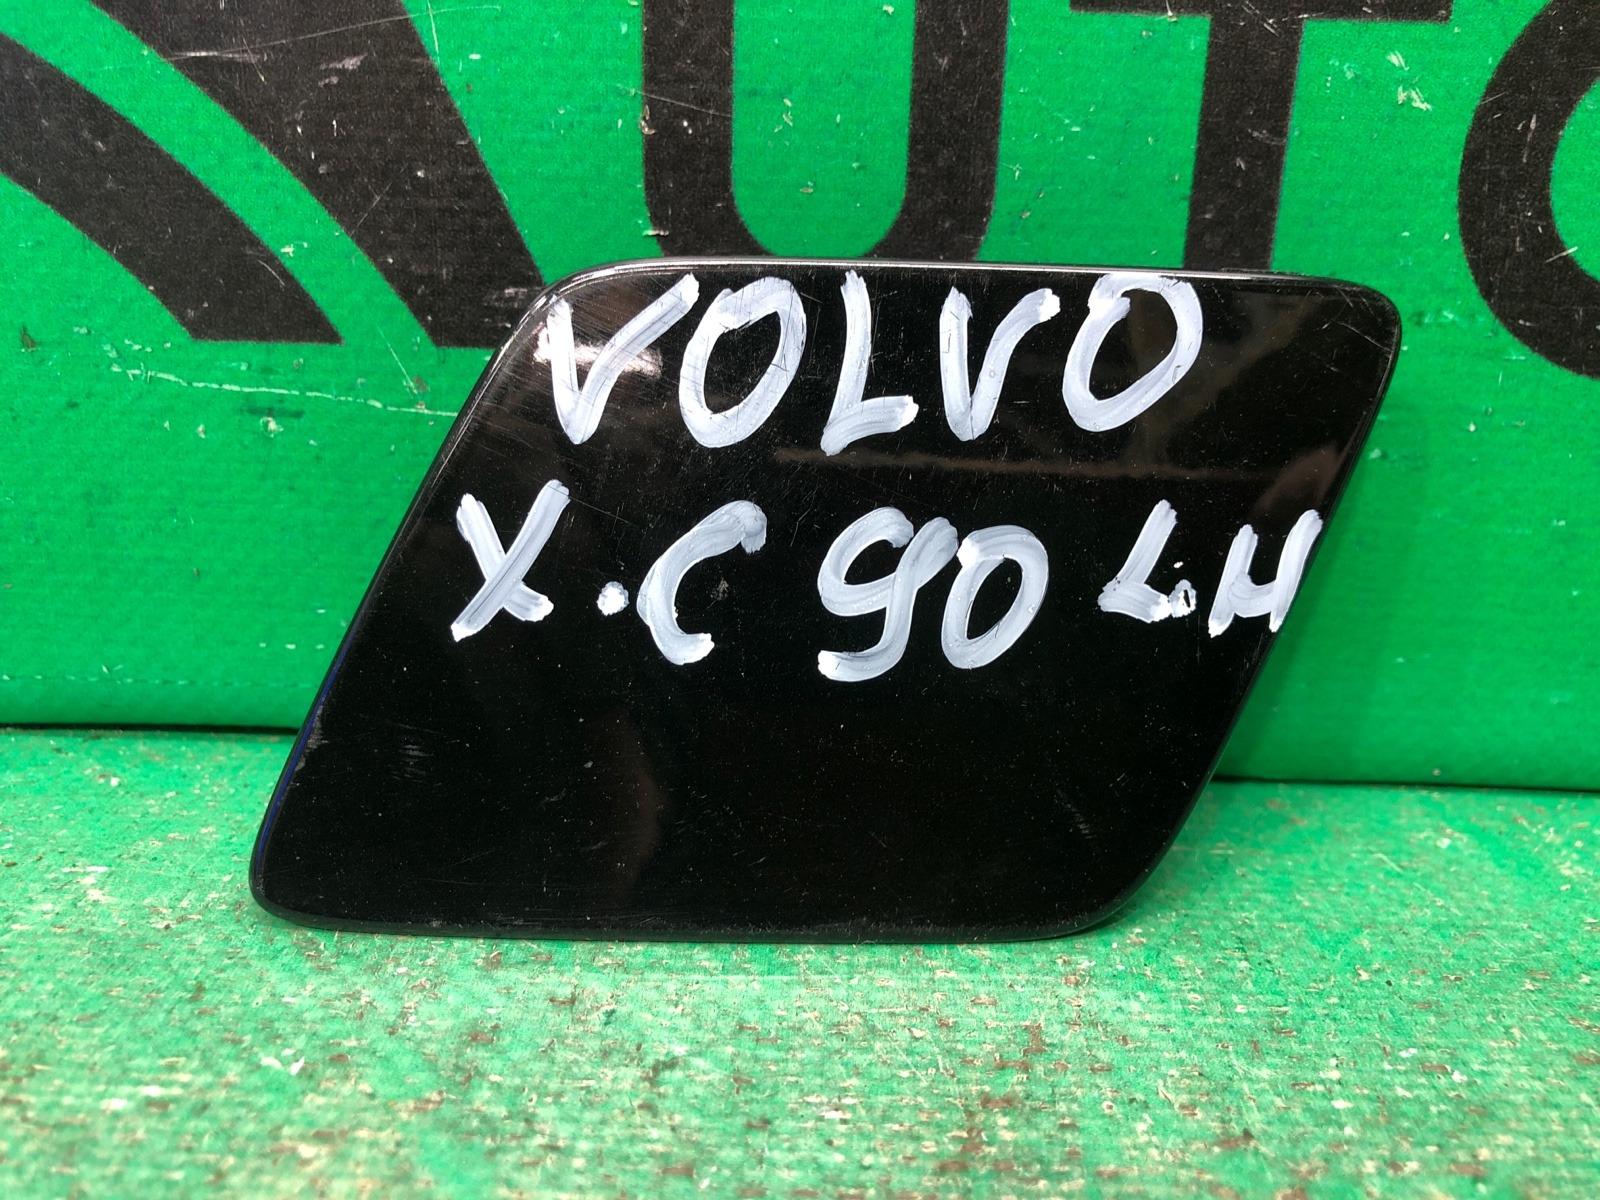 Крышка форсунки омывателя Volvo Xc90 2 2014 левая (б/у)